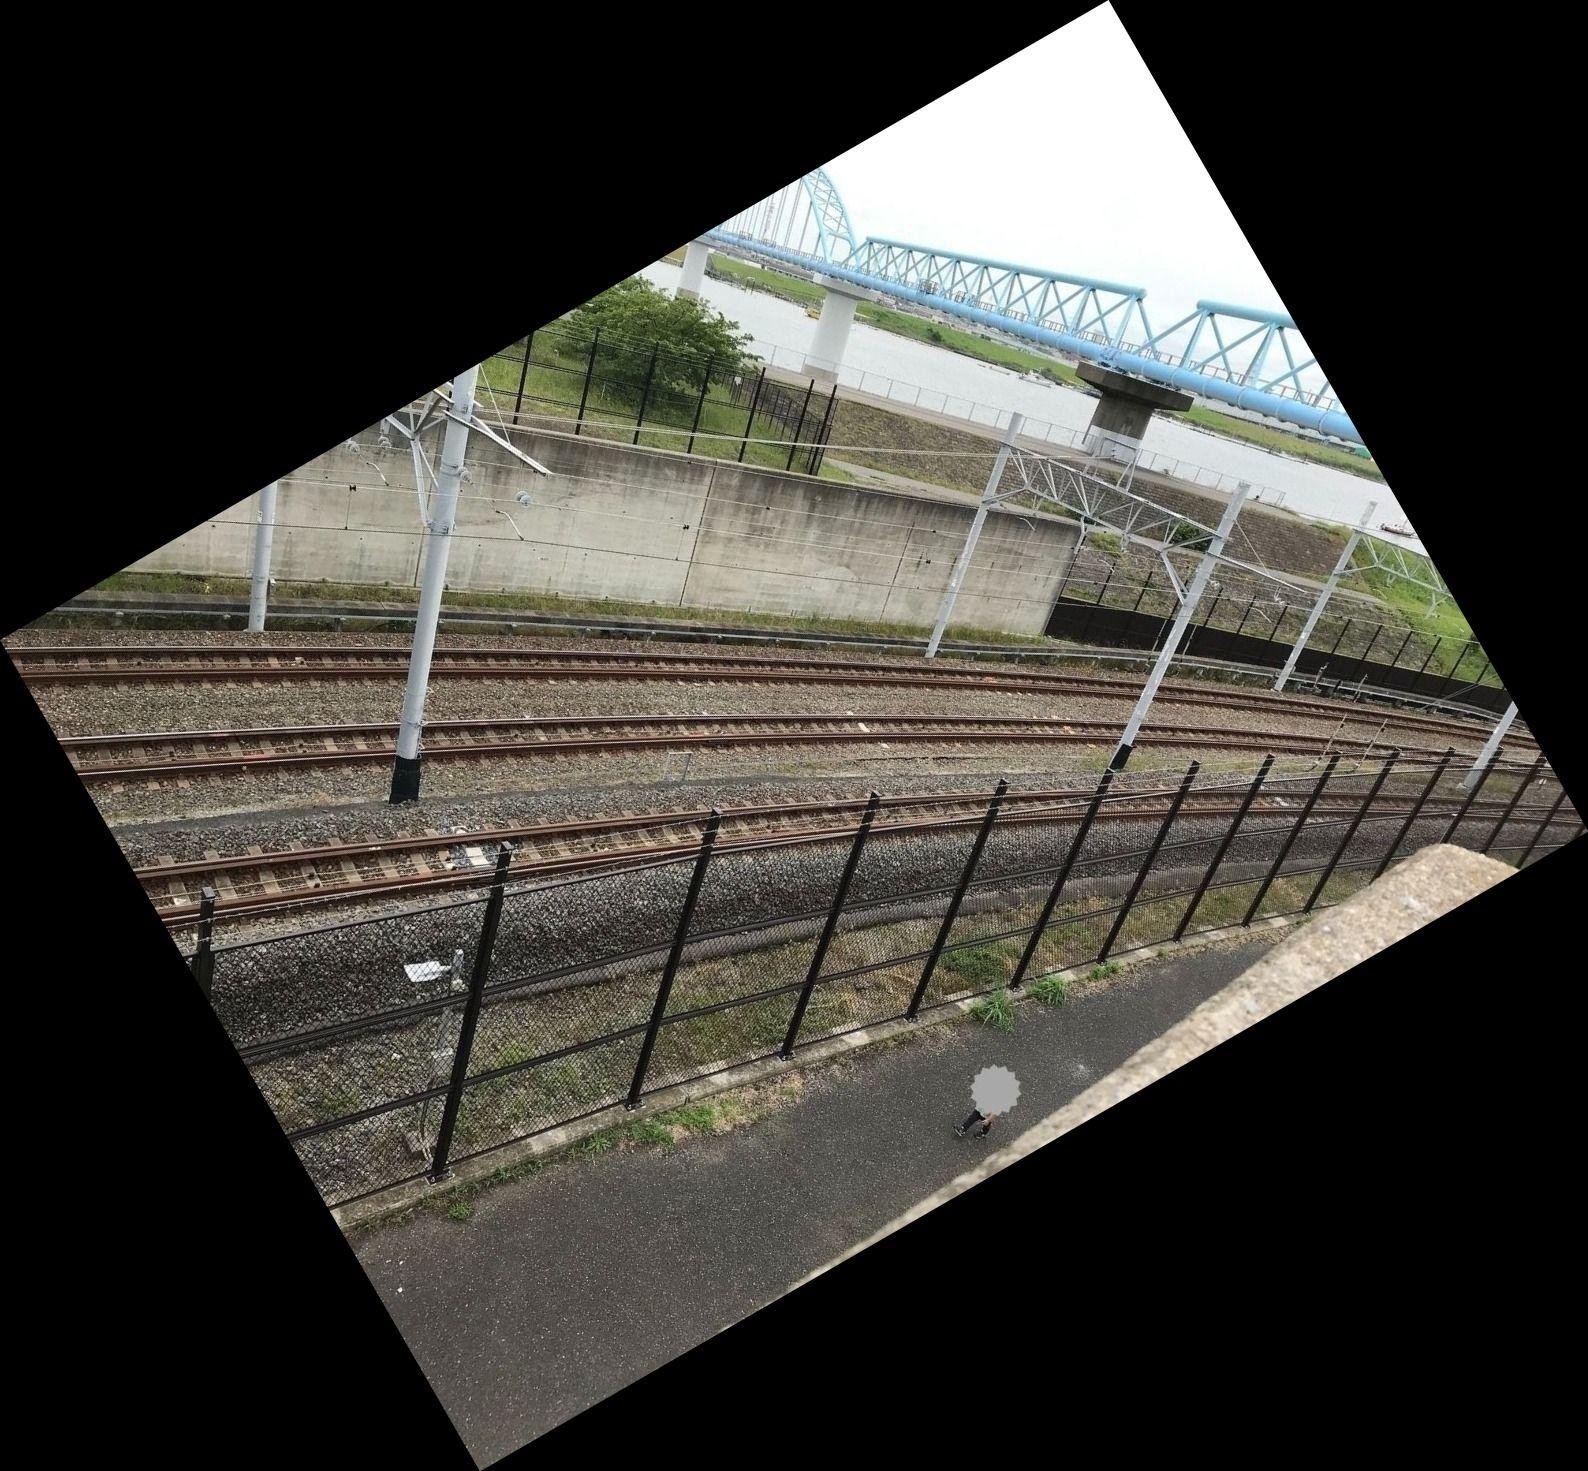 妙典にある妙典公園の橋から見える東西線の引込線